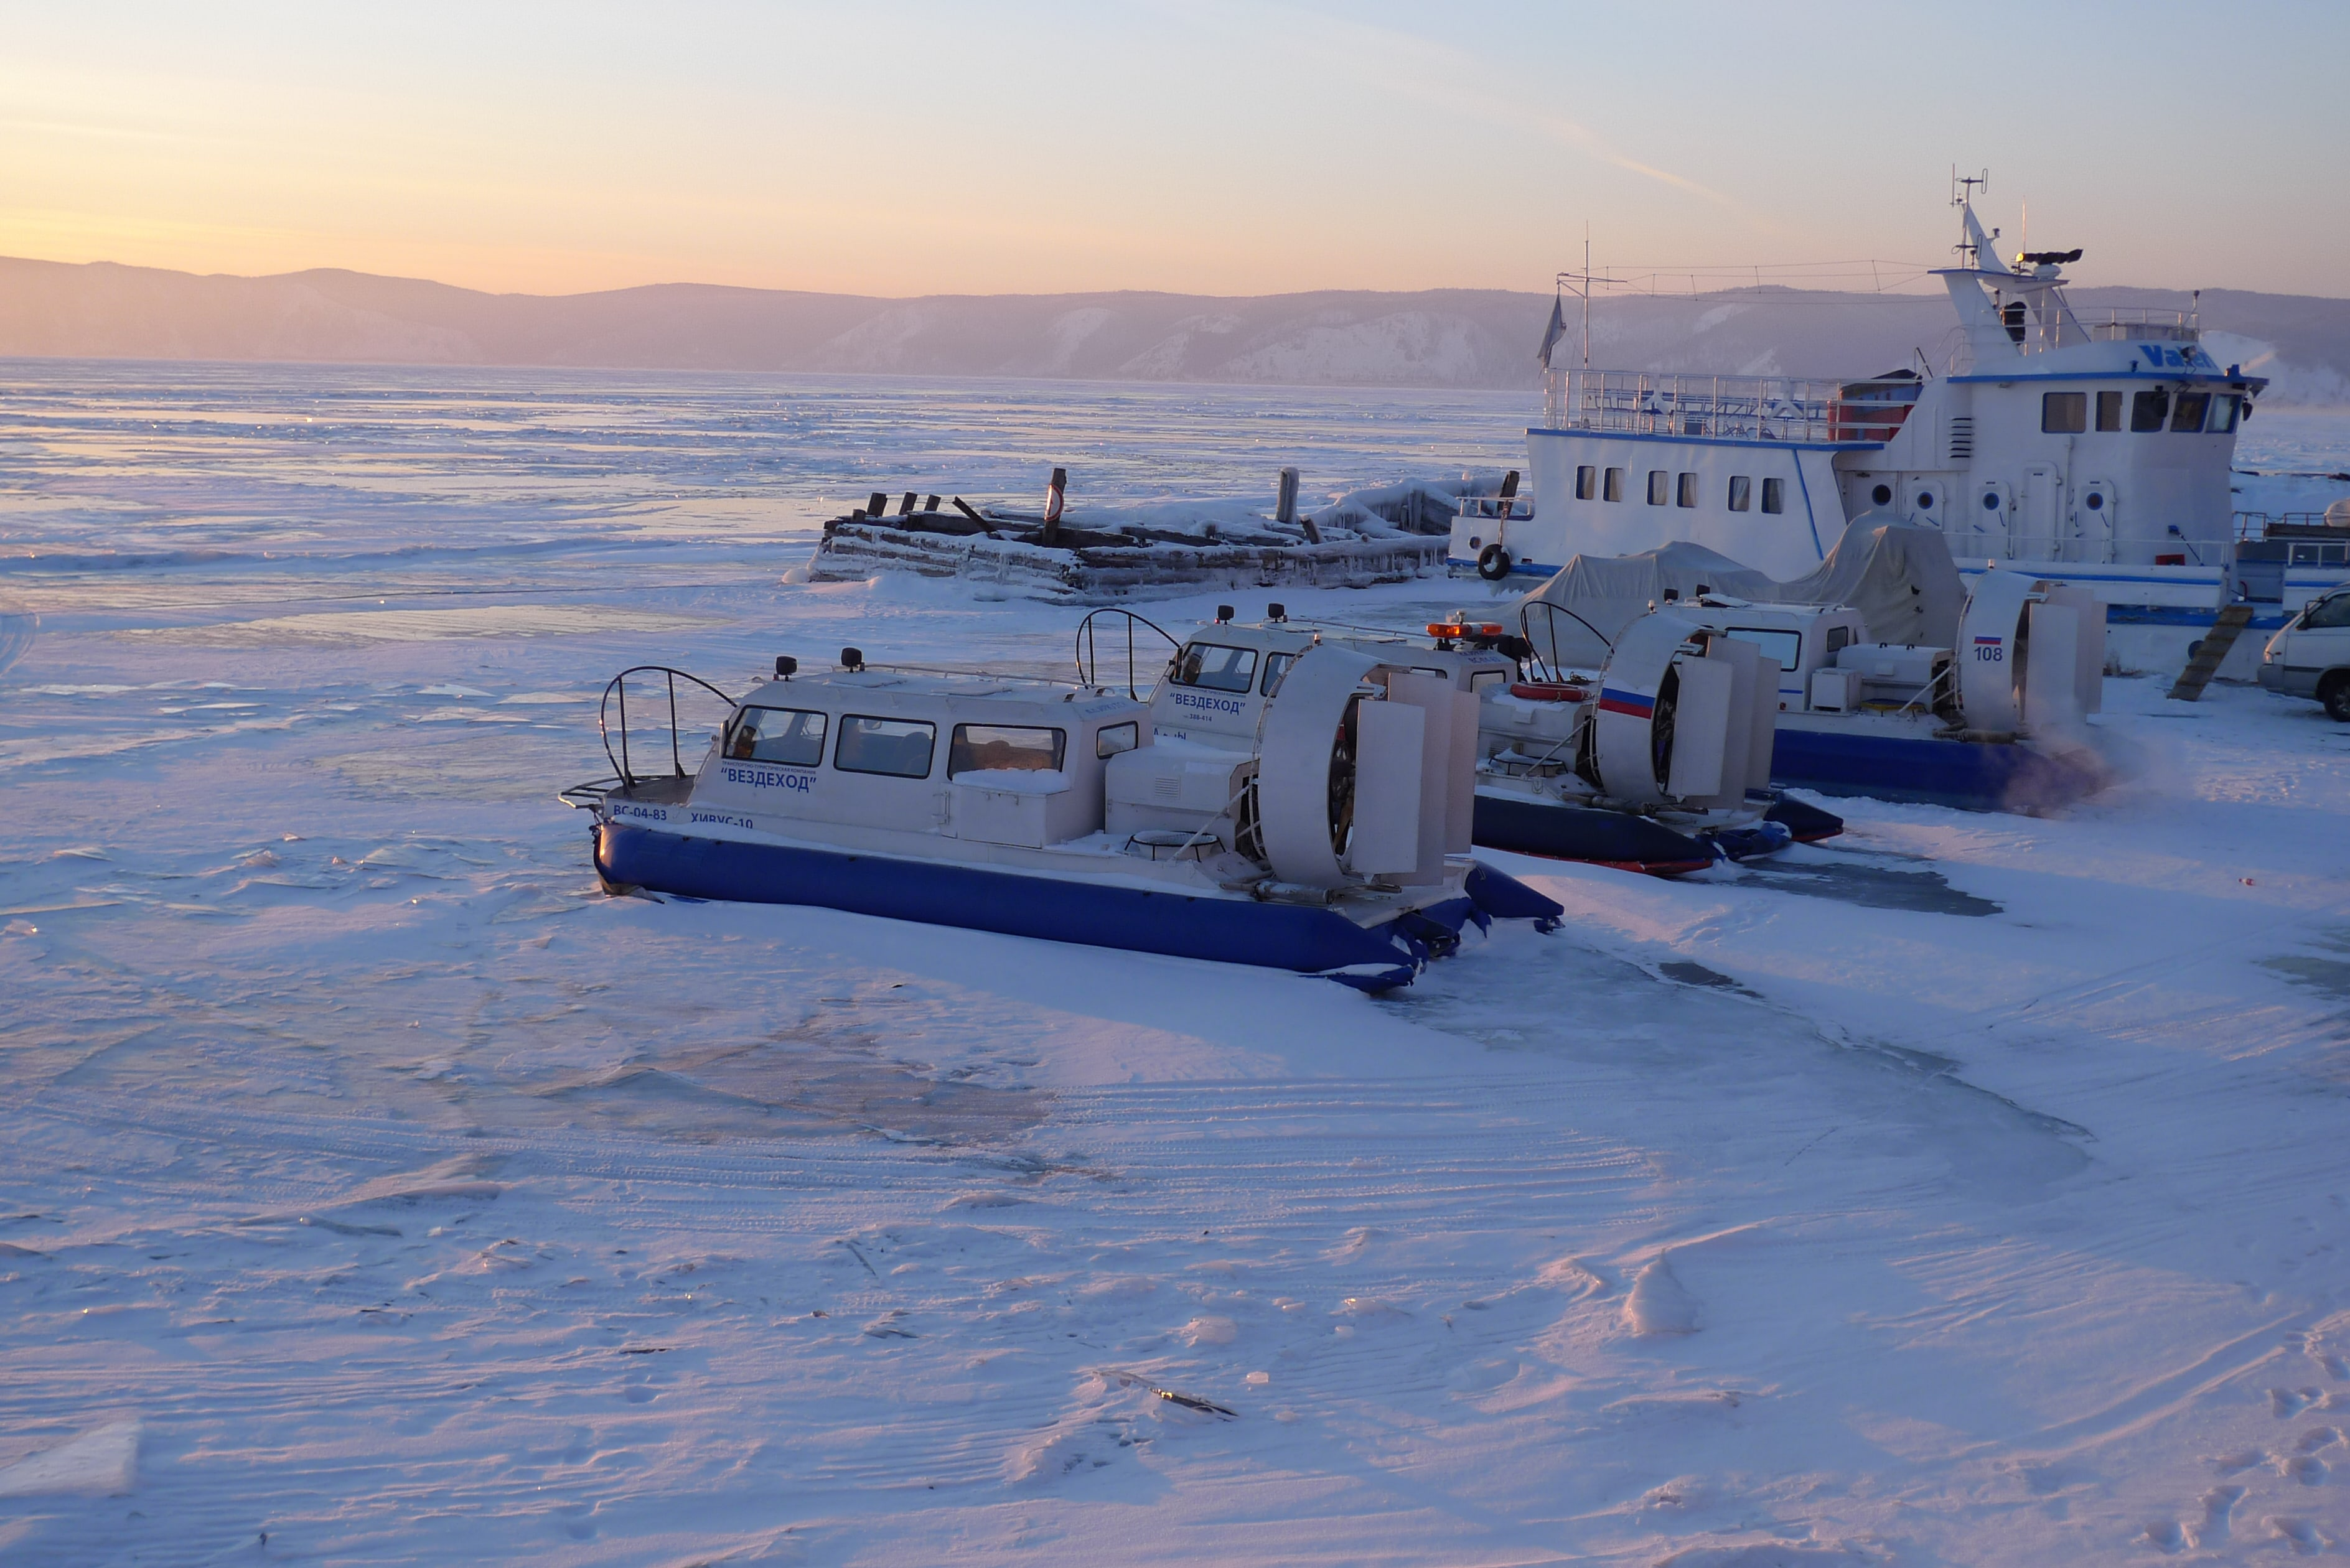 Хивусы в Листвянке. Отдых на Байкале зимой